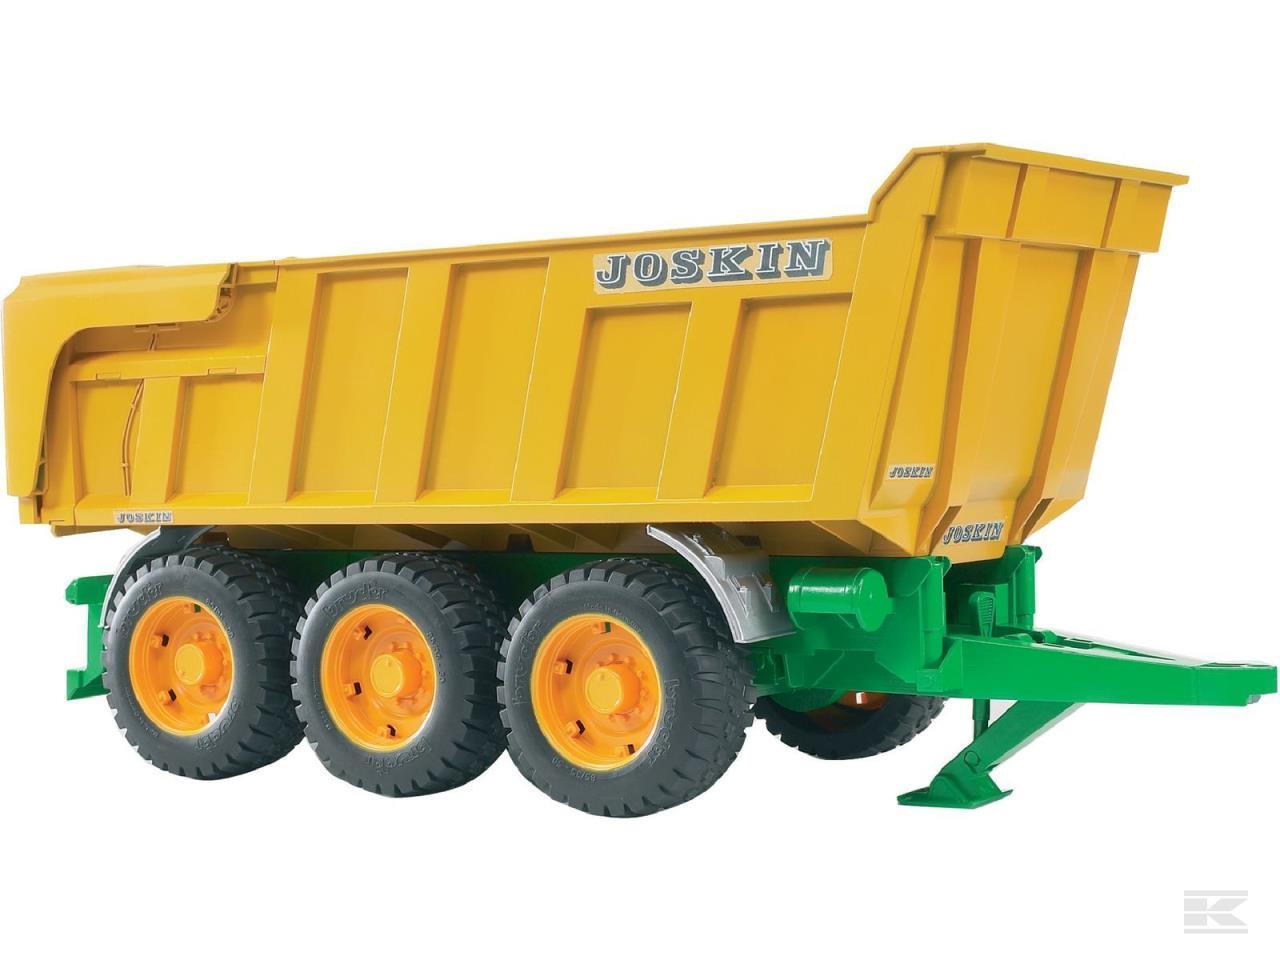 Legetøjs trailer Joskin med ti